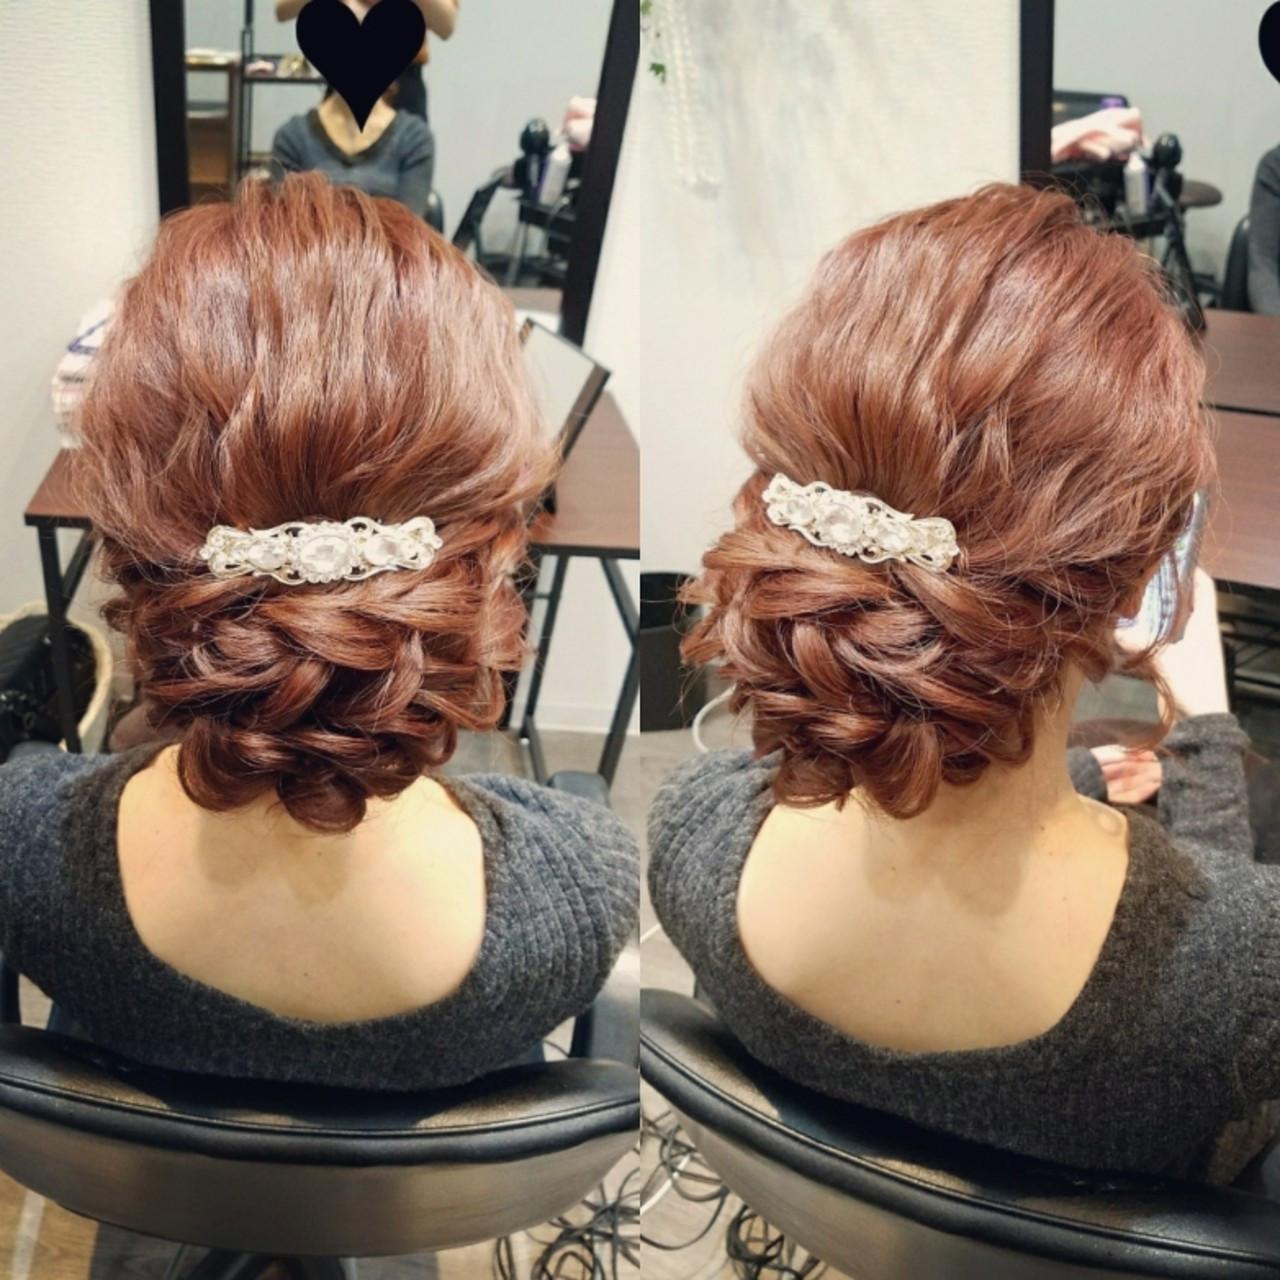 結婚式 エレガント ヘアアレンジ ロング ヘアスタイルや髪型の写真・画像